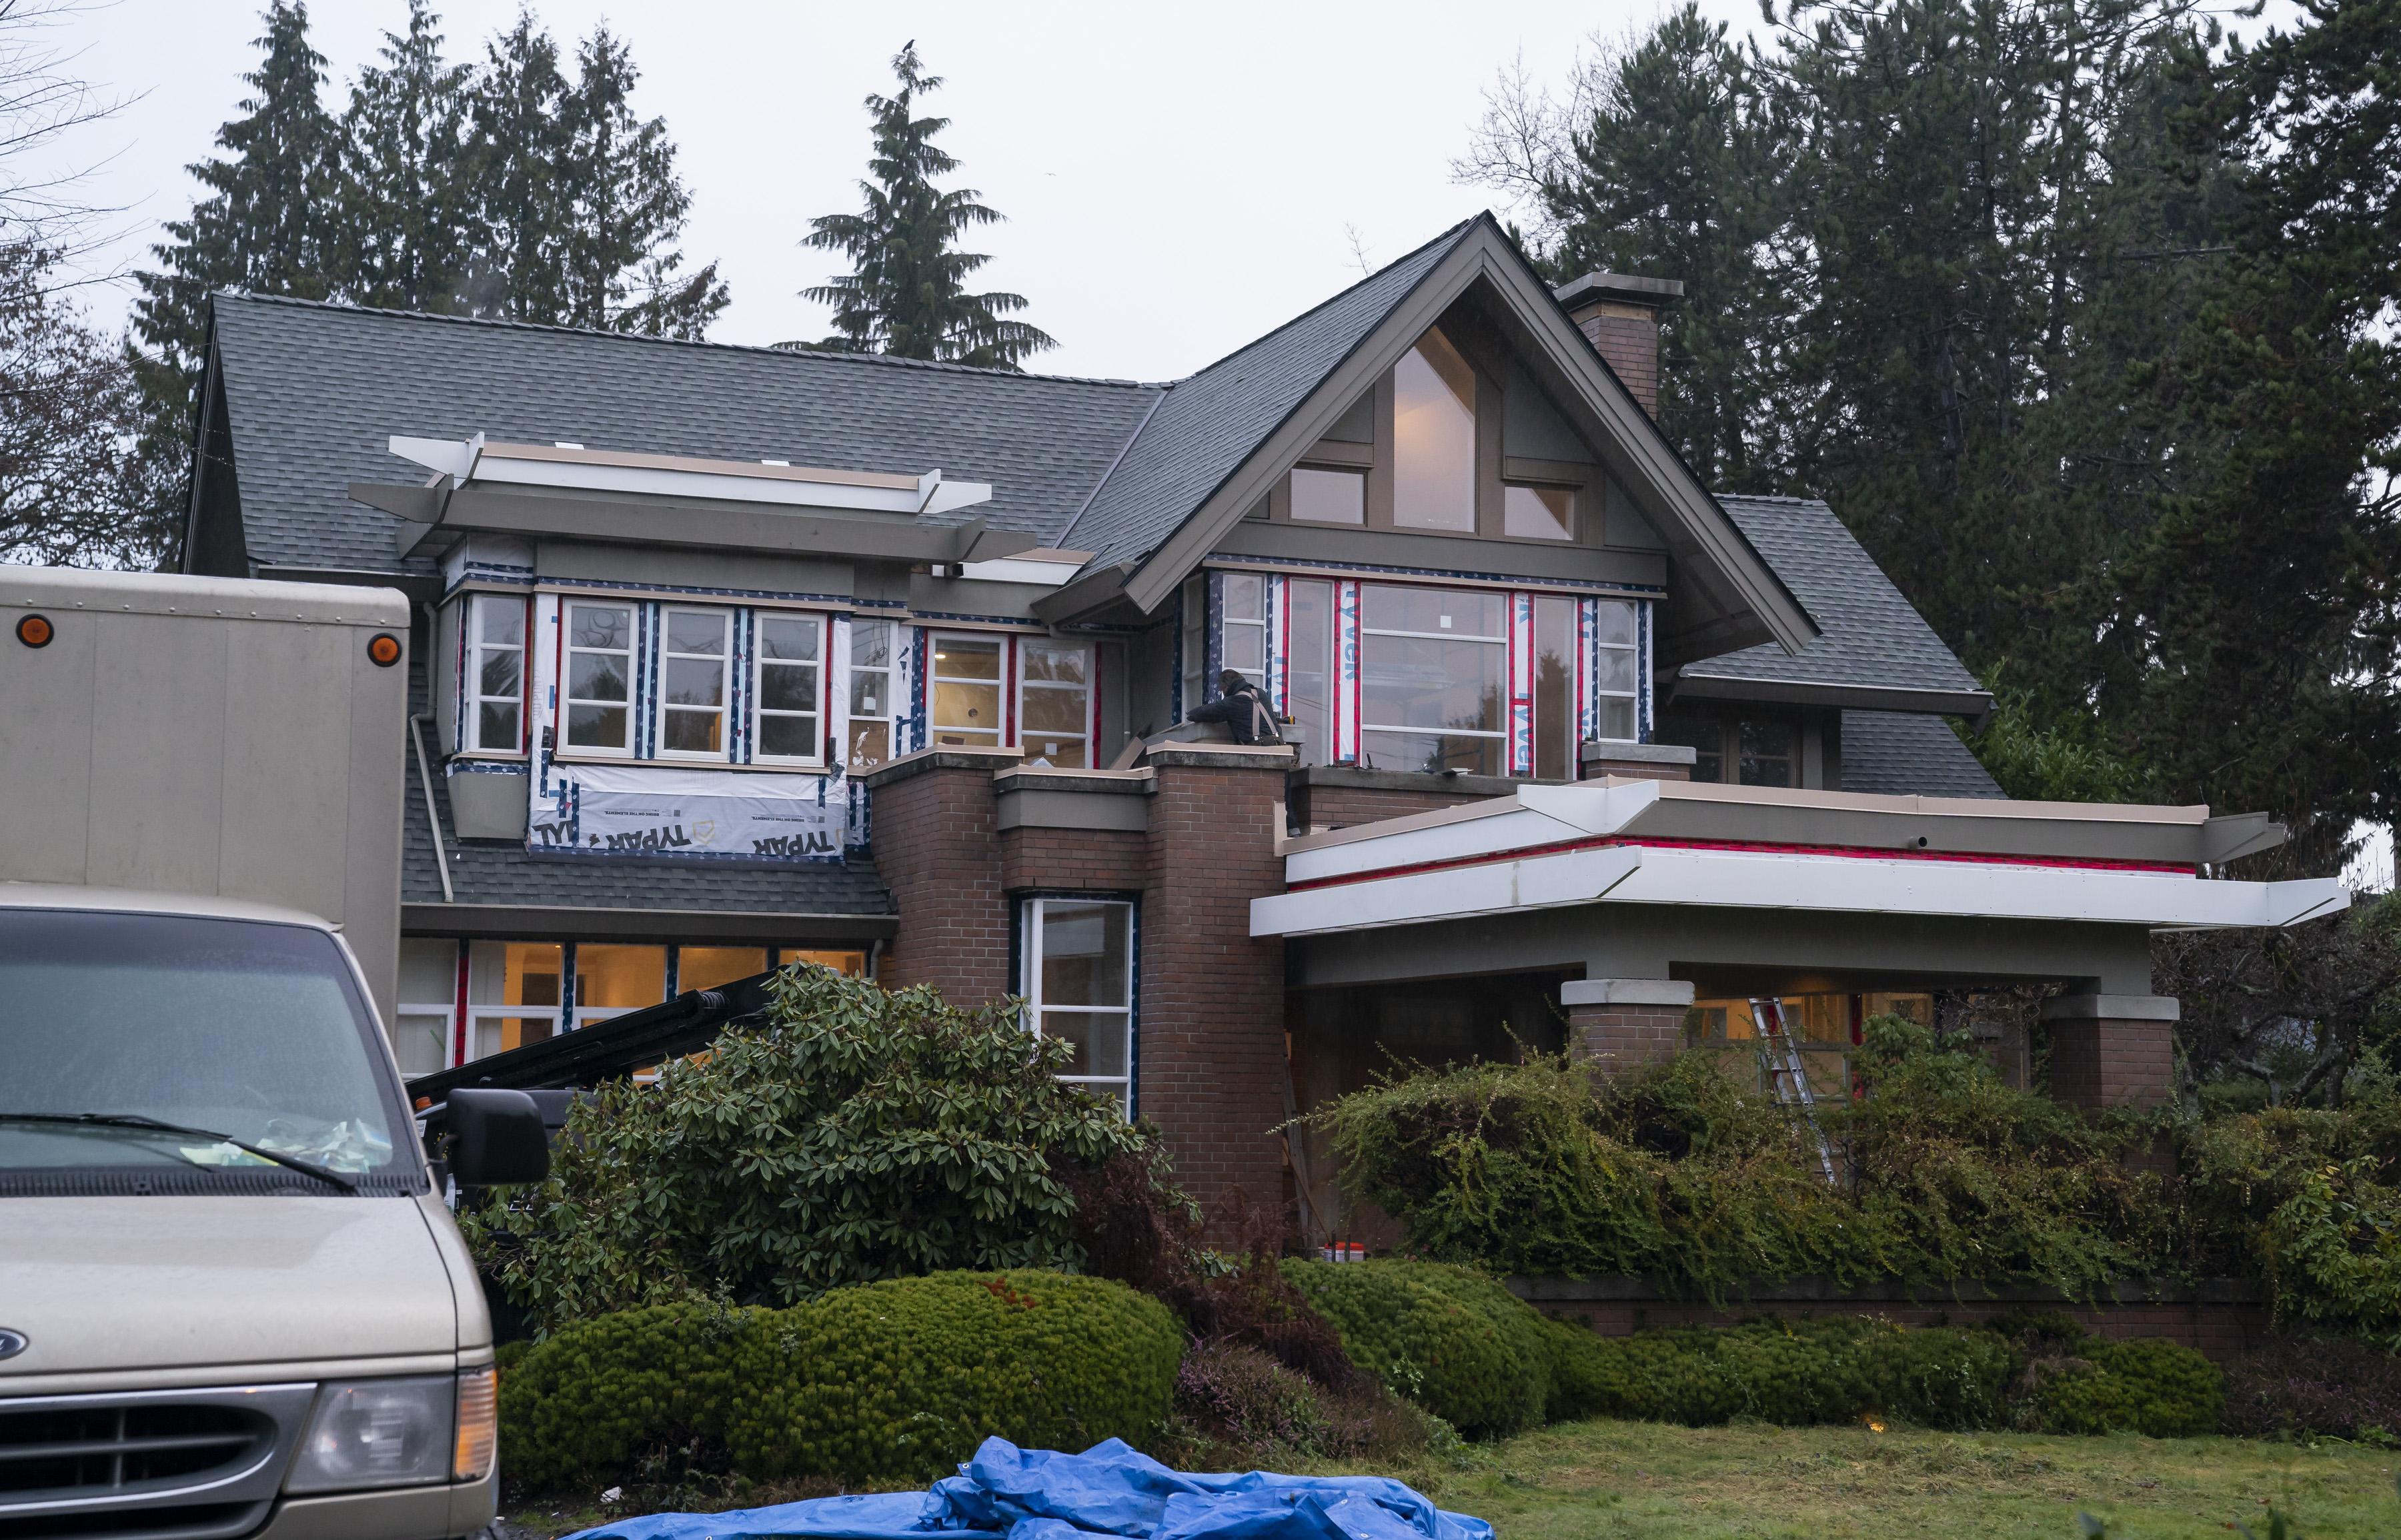 孟晚舟在溫哥華Matthews Avenue的豪宅,The Breaker新聞估價加幣1,630萬元。(Rich Lam/Getty Images)